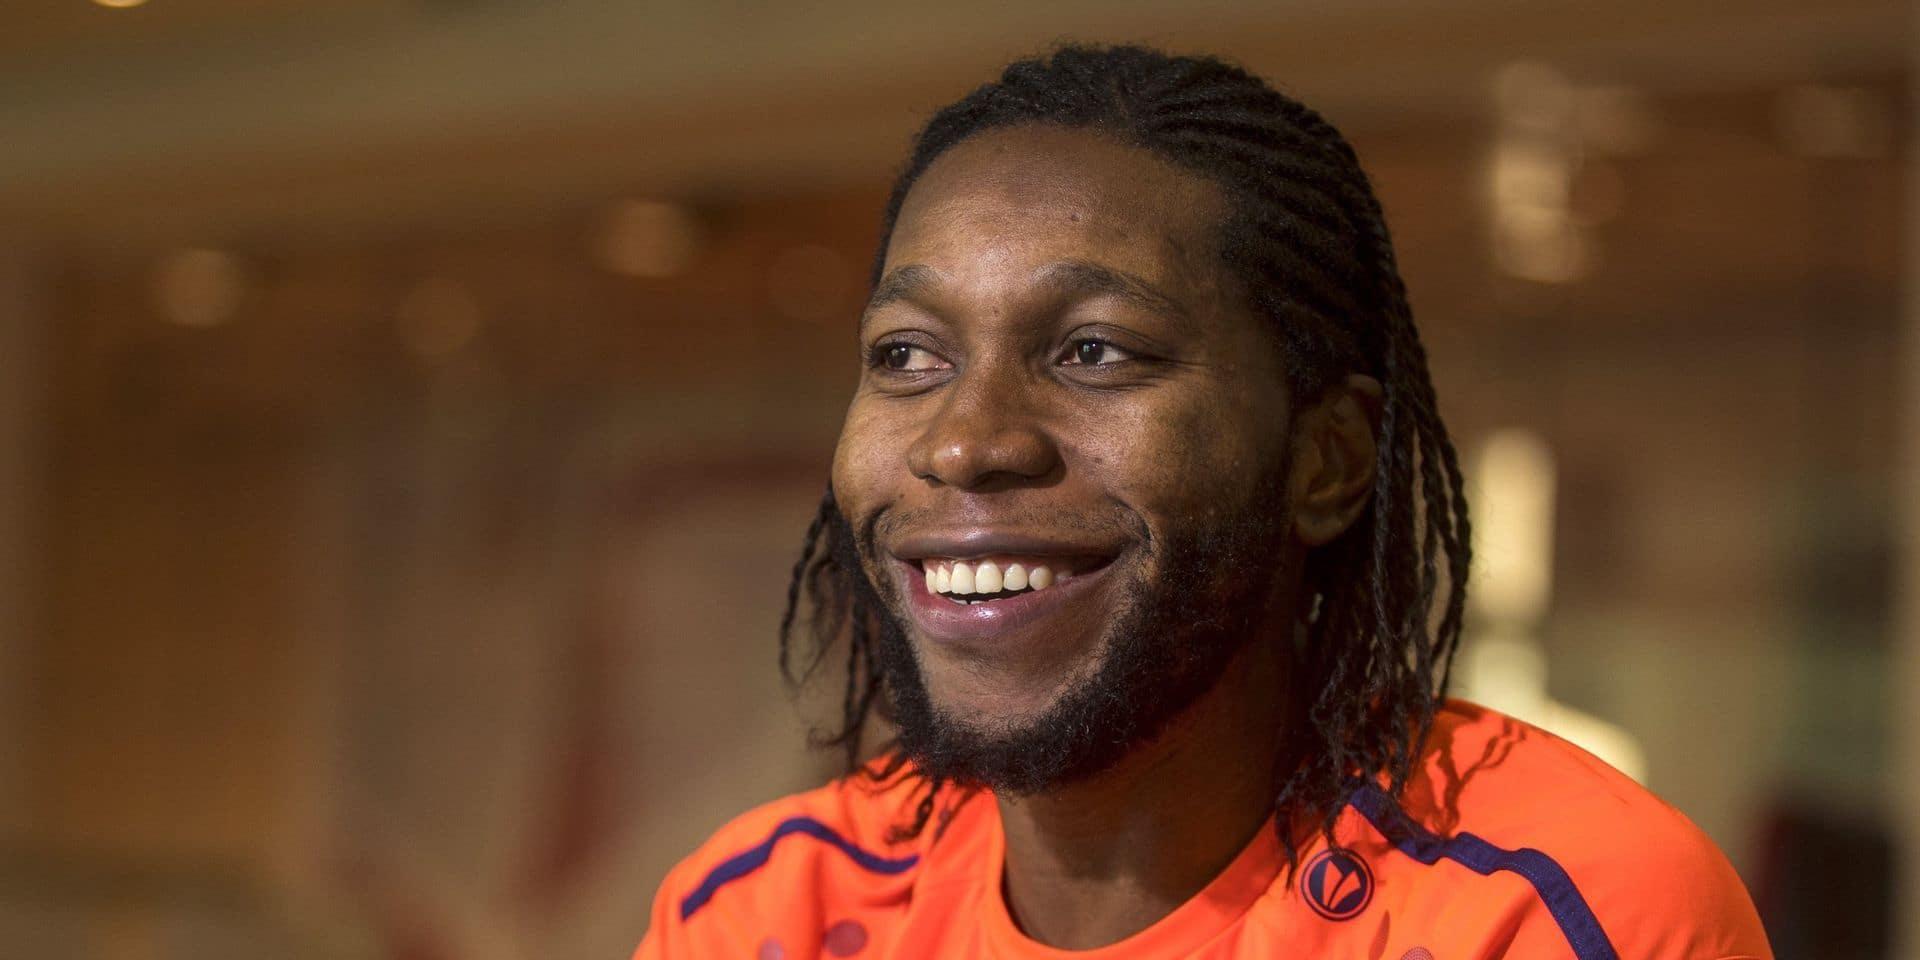 """La Team Mbokani dévoile les secrets de la réussite de l'attaquant de l'Antwerp : """"Dieu doit être chouchouté et bousculé"""""""